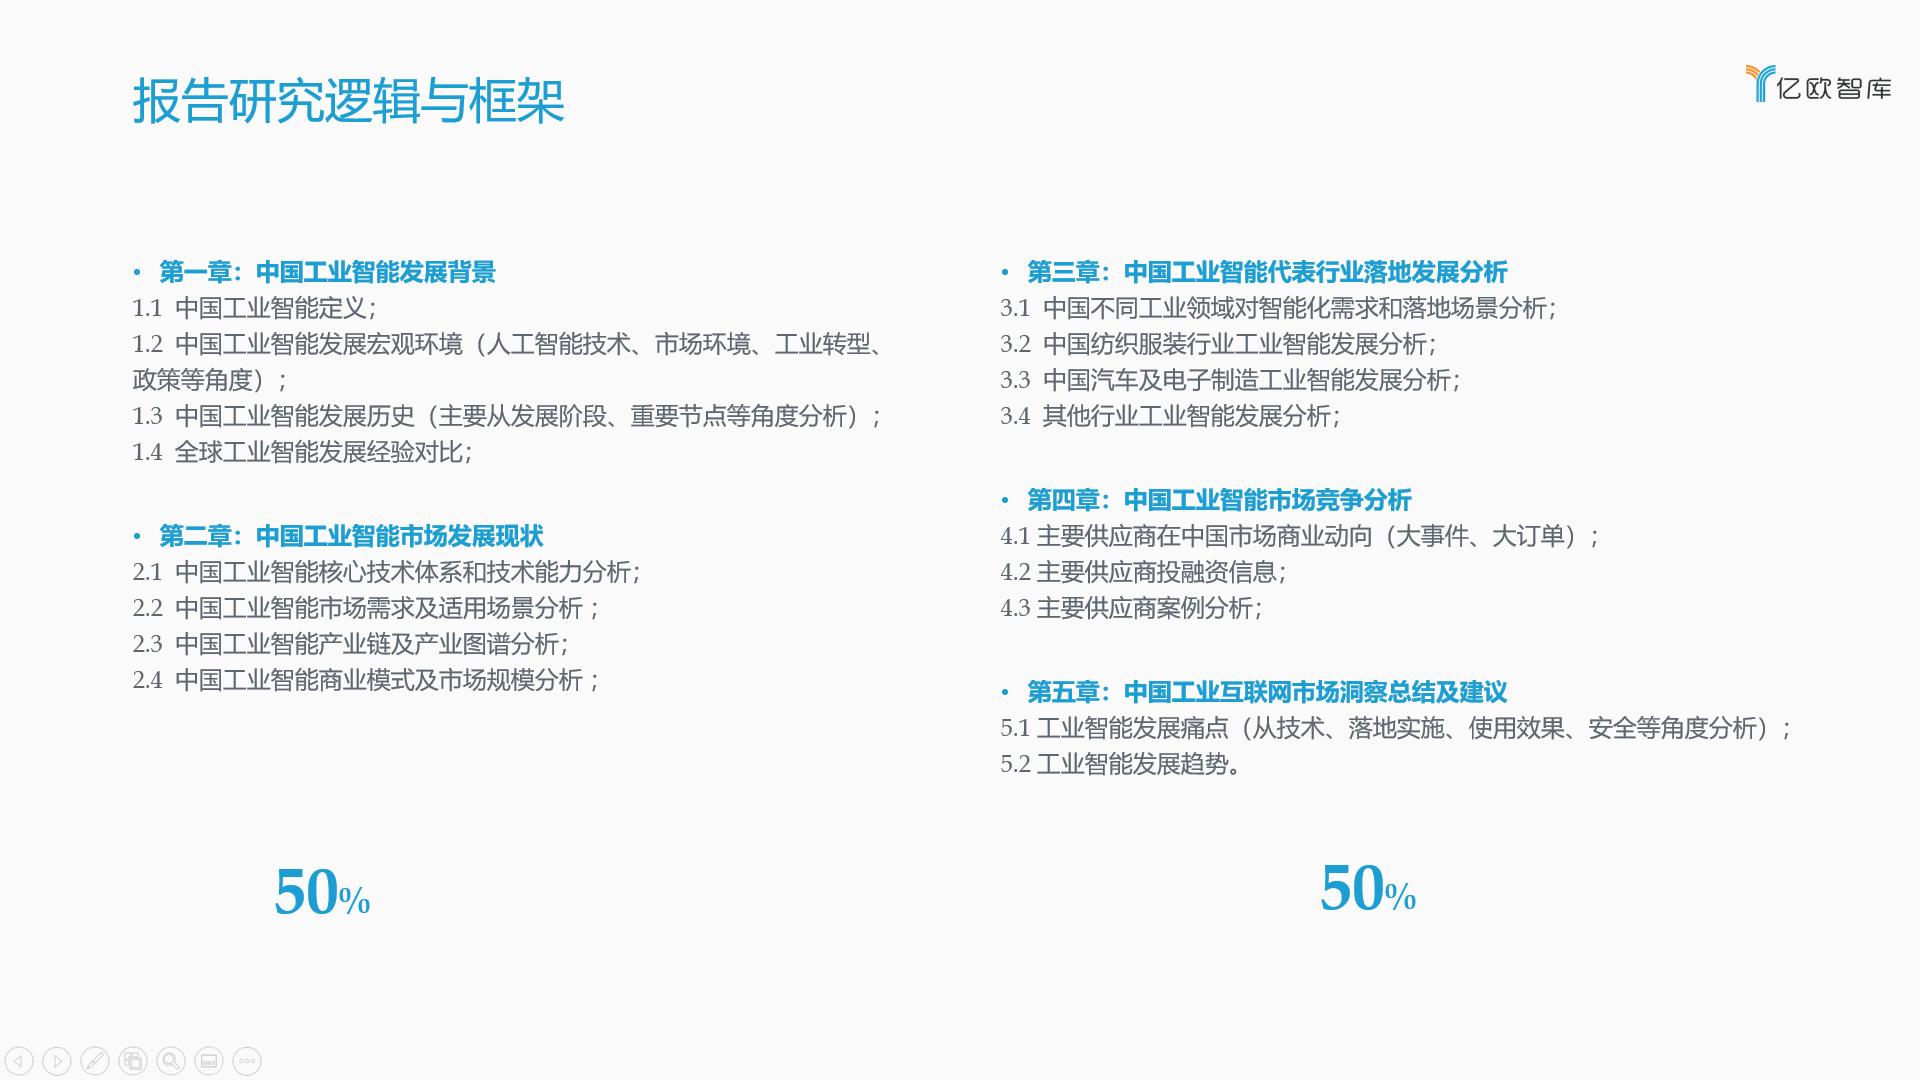 亿欧智库:工业智能产业研究报告研究逻辑与框架